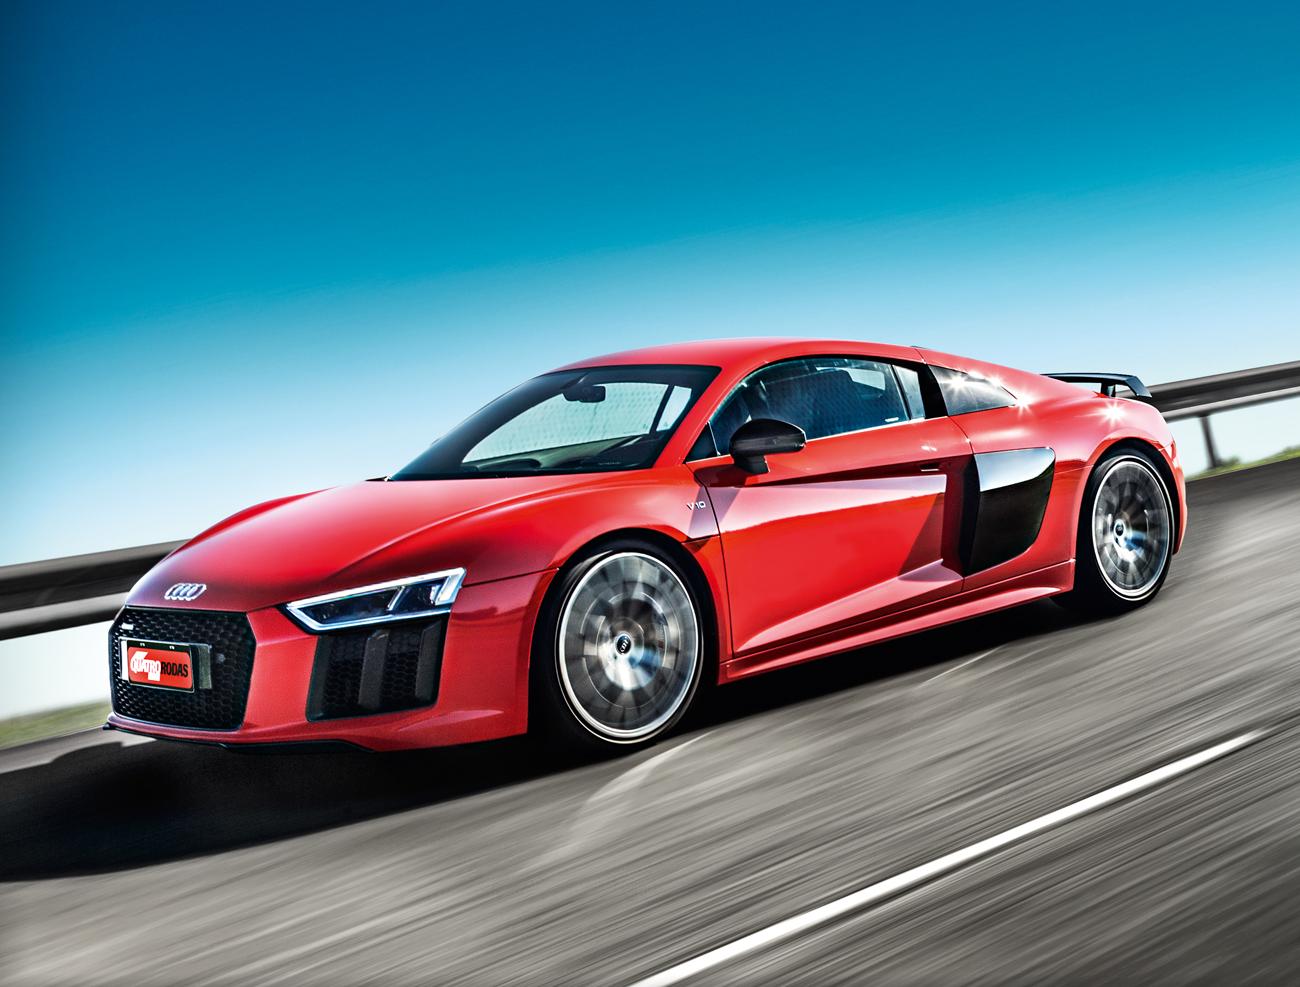 Nova geração do R8 é um carro de corrida autorizado a andar na rua